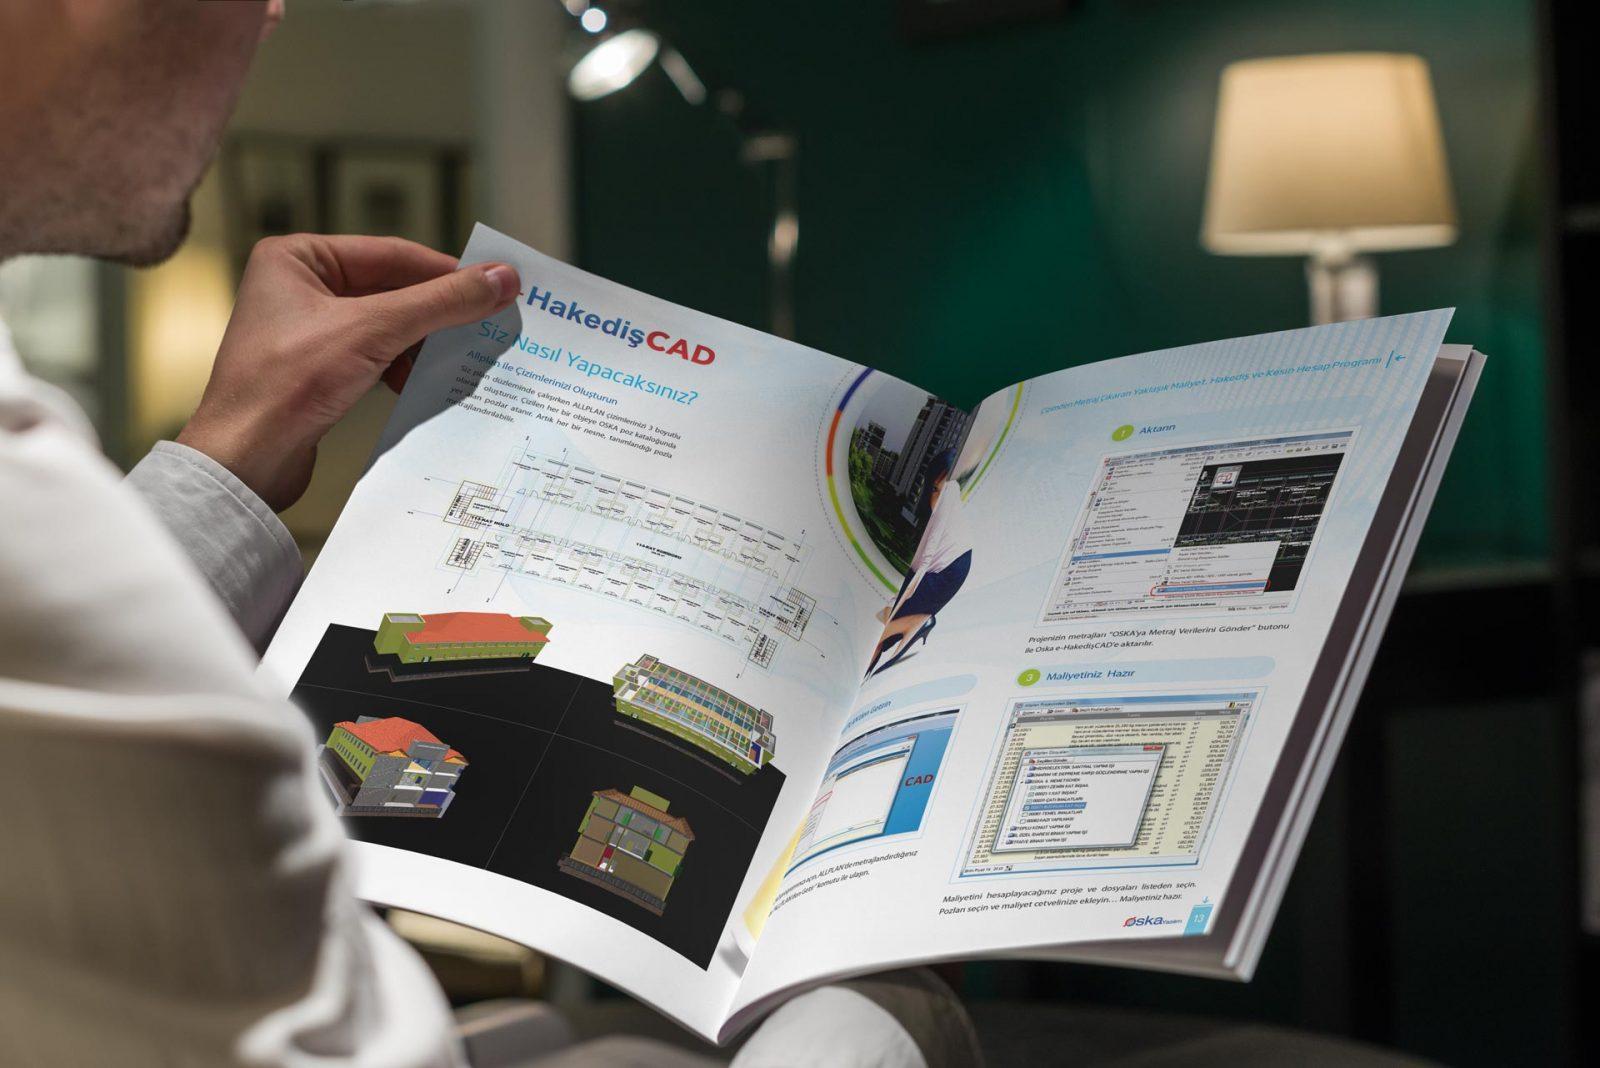 e-hakedis katalog tasarımı 07